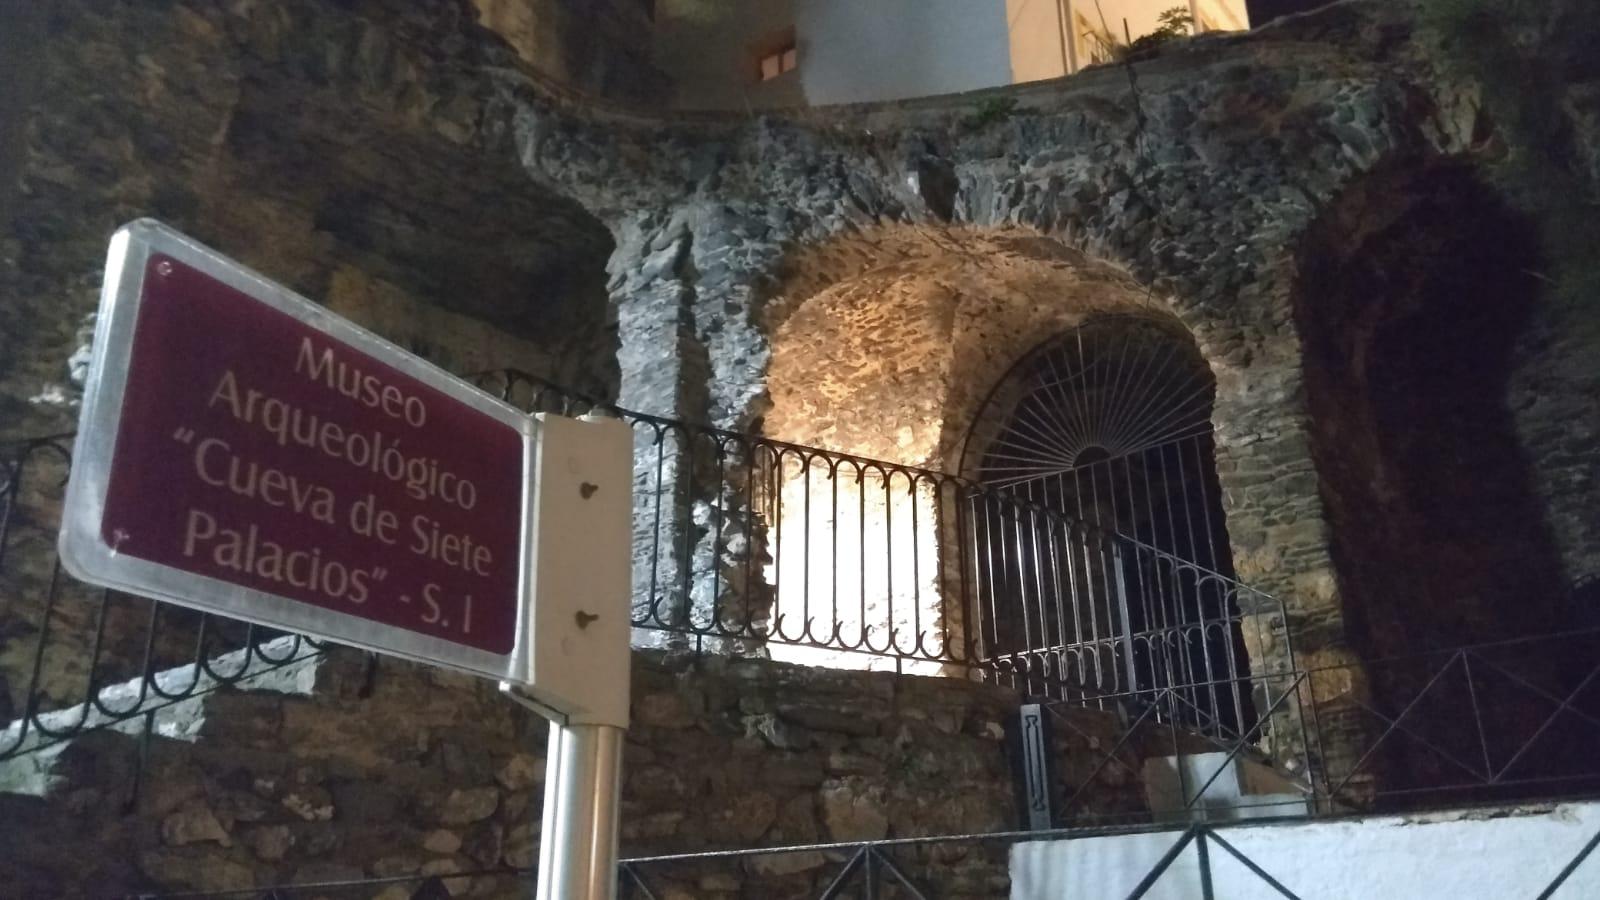 Cueva de los Siete Palacios